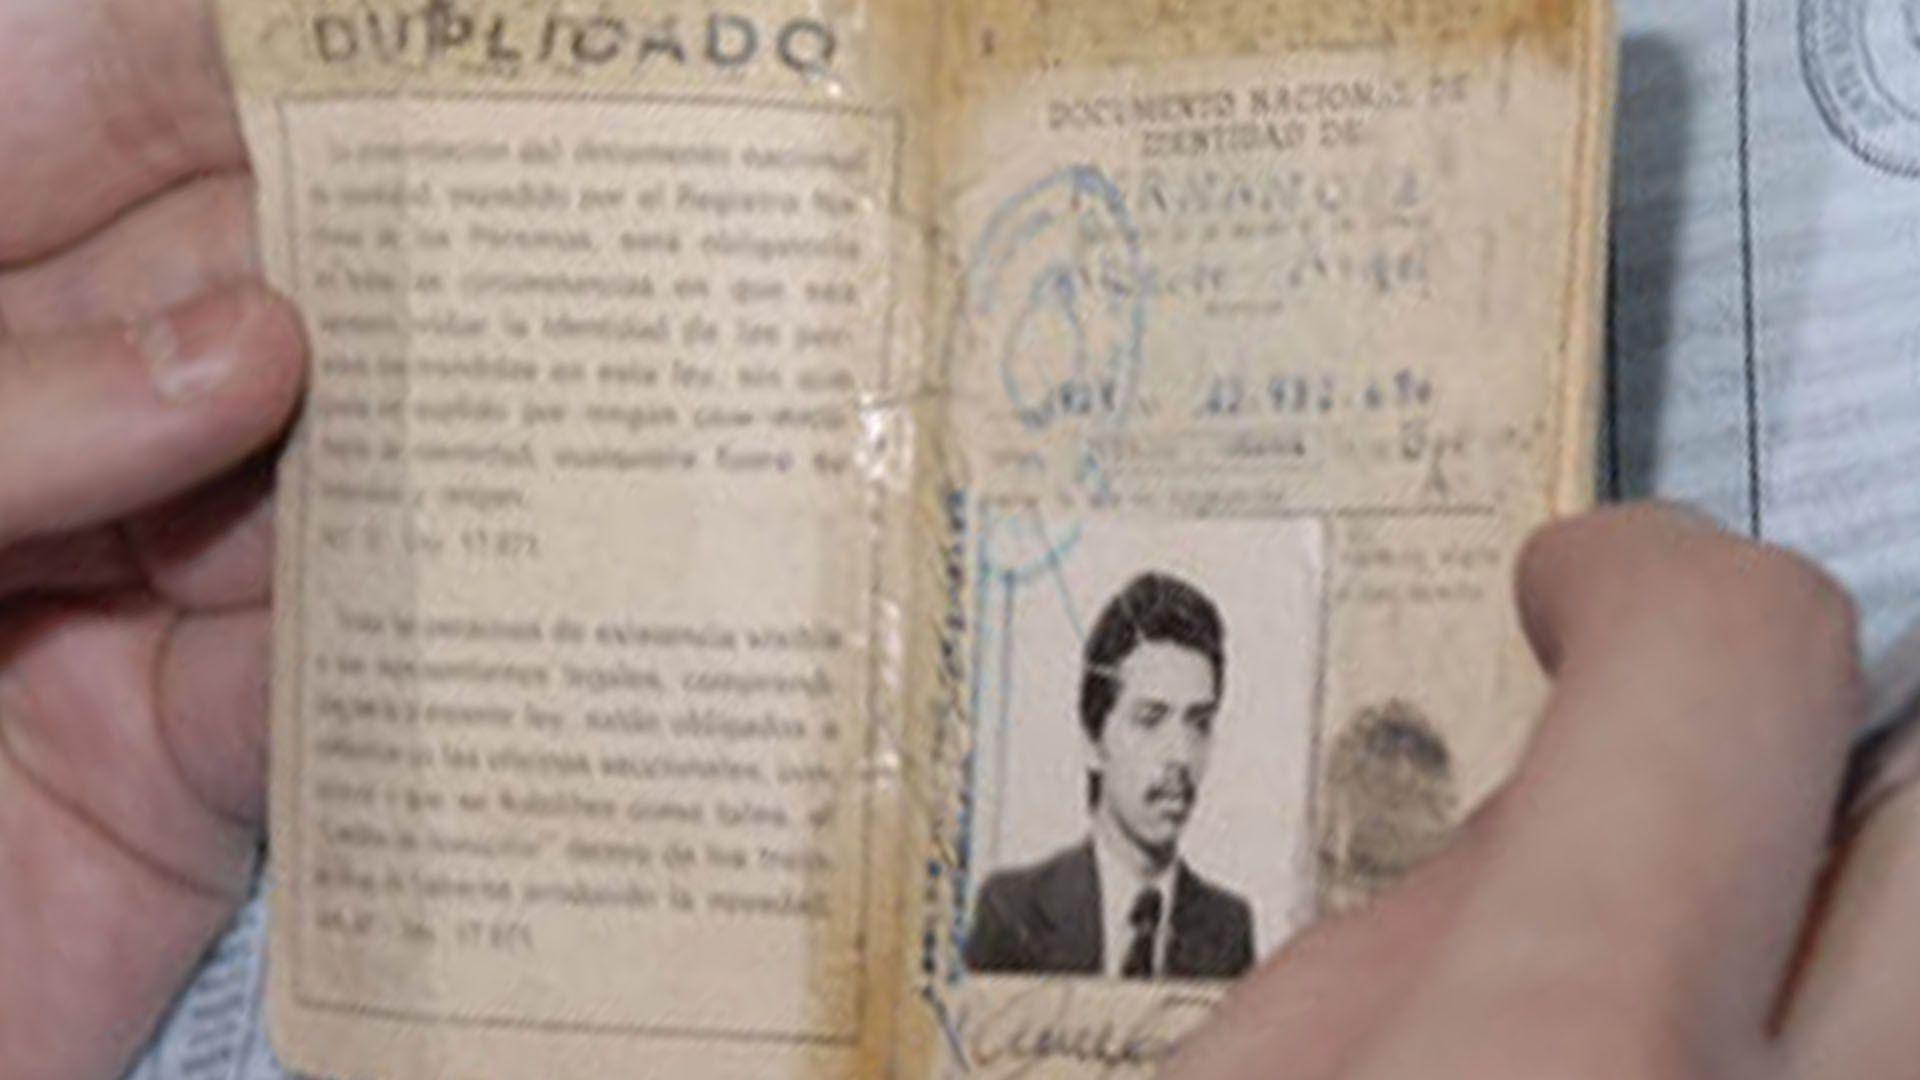 Nació el 2 de abril de 1959 como Alberto Ángel Fernández, en la ciudad de Buenos Aires. Al recorrer ayer el Sanatario Antártida, recordó que había nacido en esa clínica, cuando tenía otro nombre.